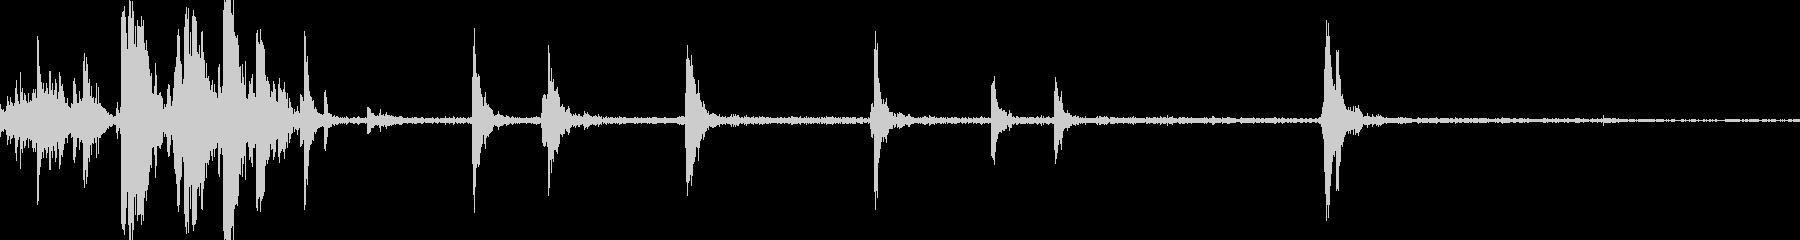 スロットマシンのレバーと実行の未再生の波形